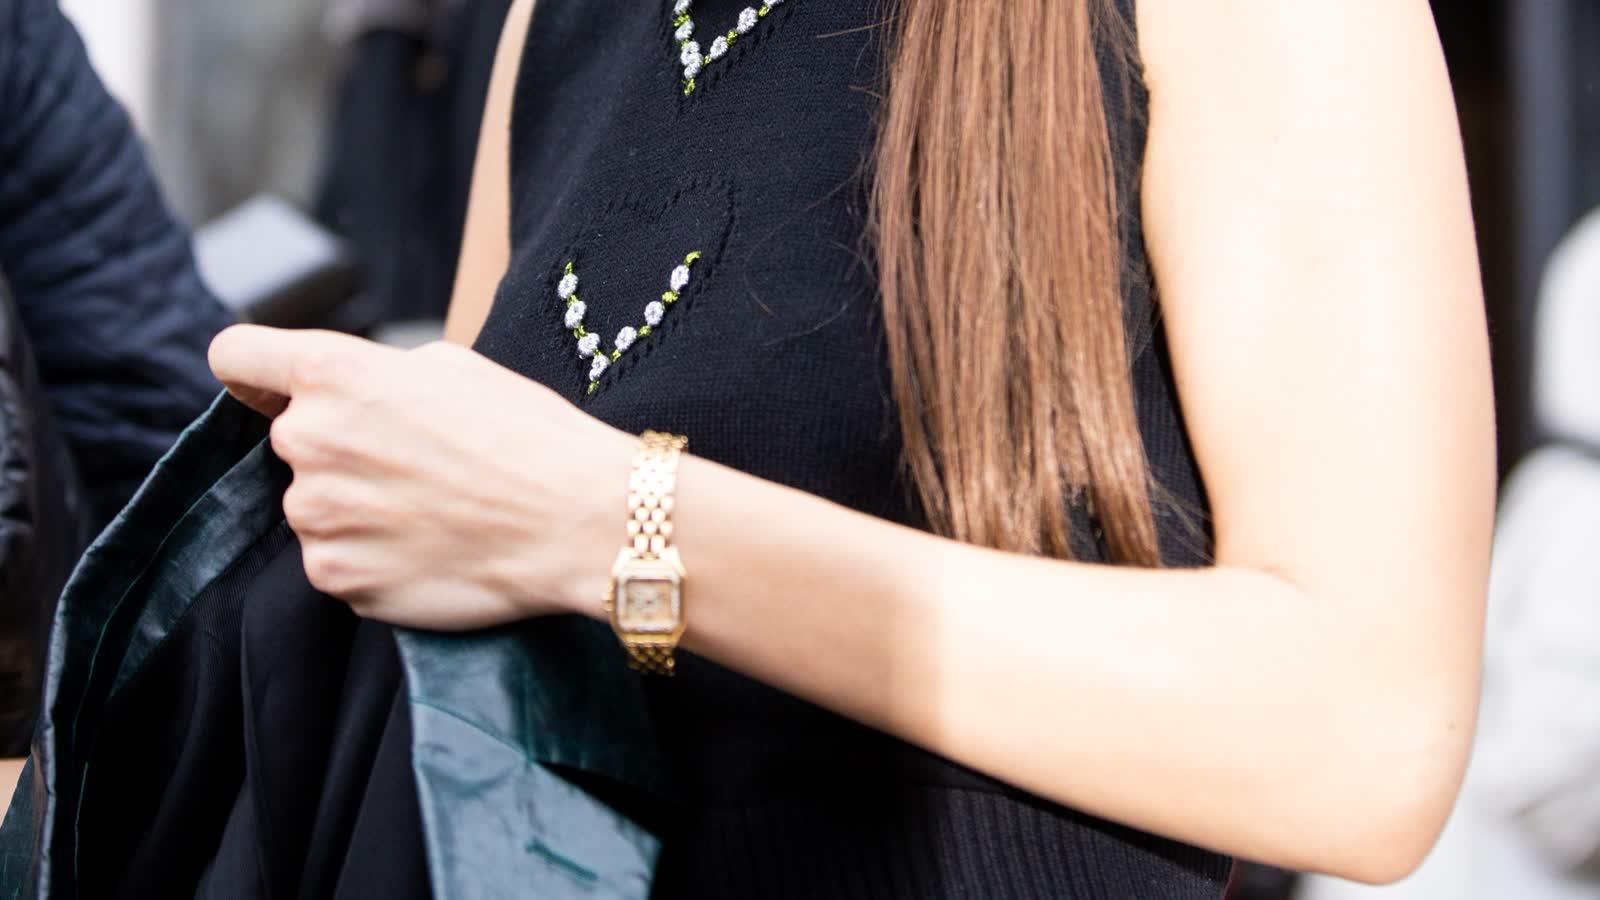 Wie gestaltet man eine Luxusuhr? Im Gespräch mit Marie-Laure Cérède von Cartier